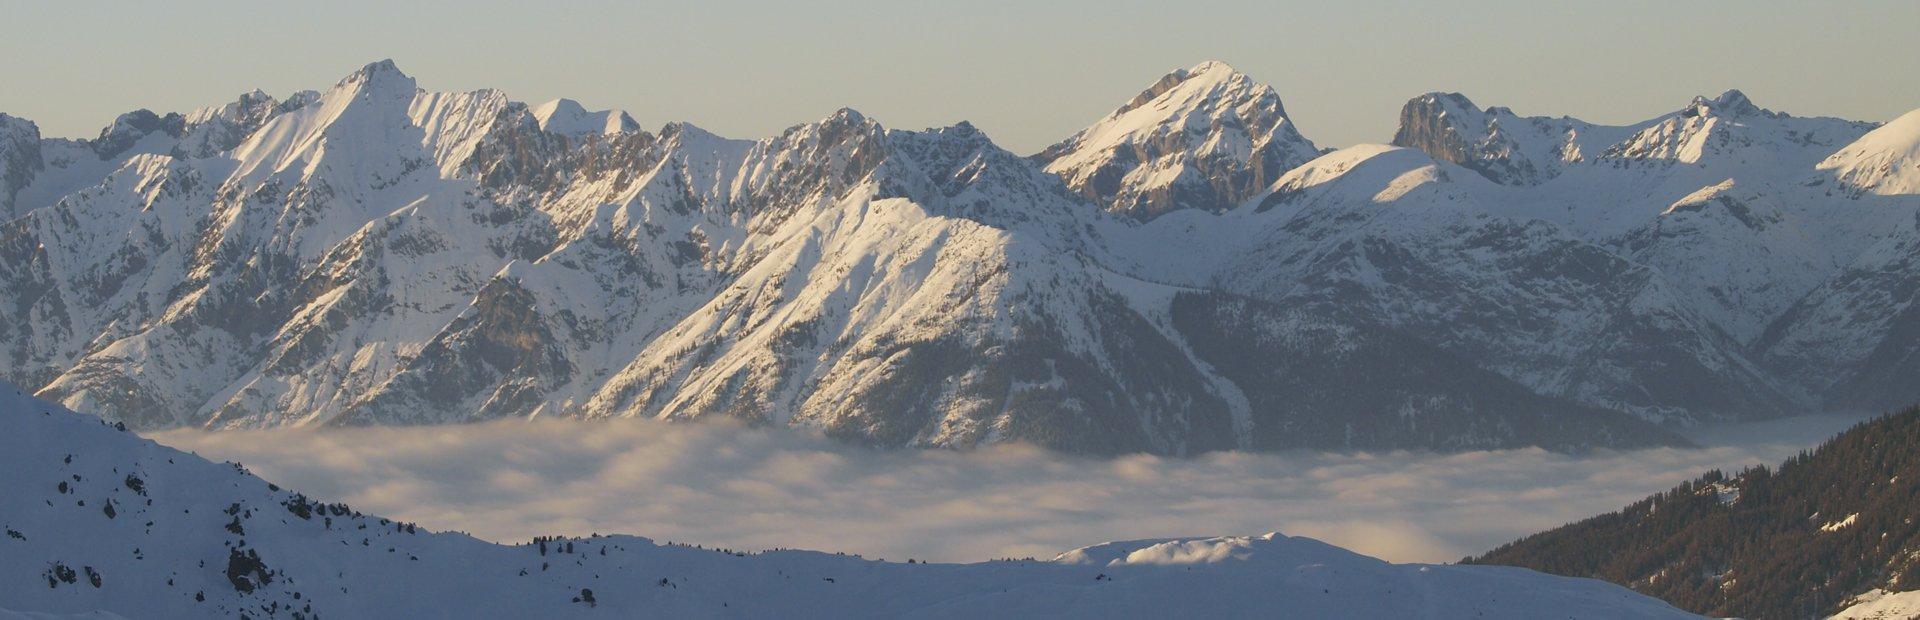 Tiroler Zillertal Winter Alpines Freeriden Skigebiet Hochfügen Skifahren im freien Gelände